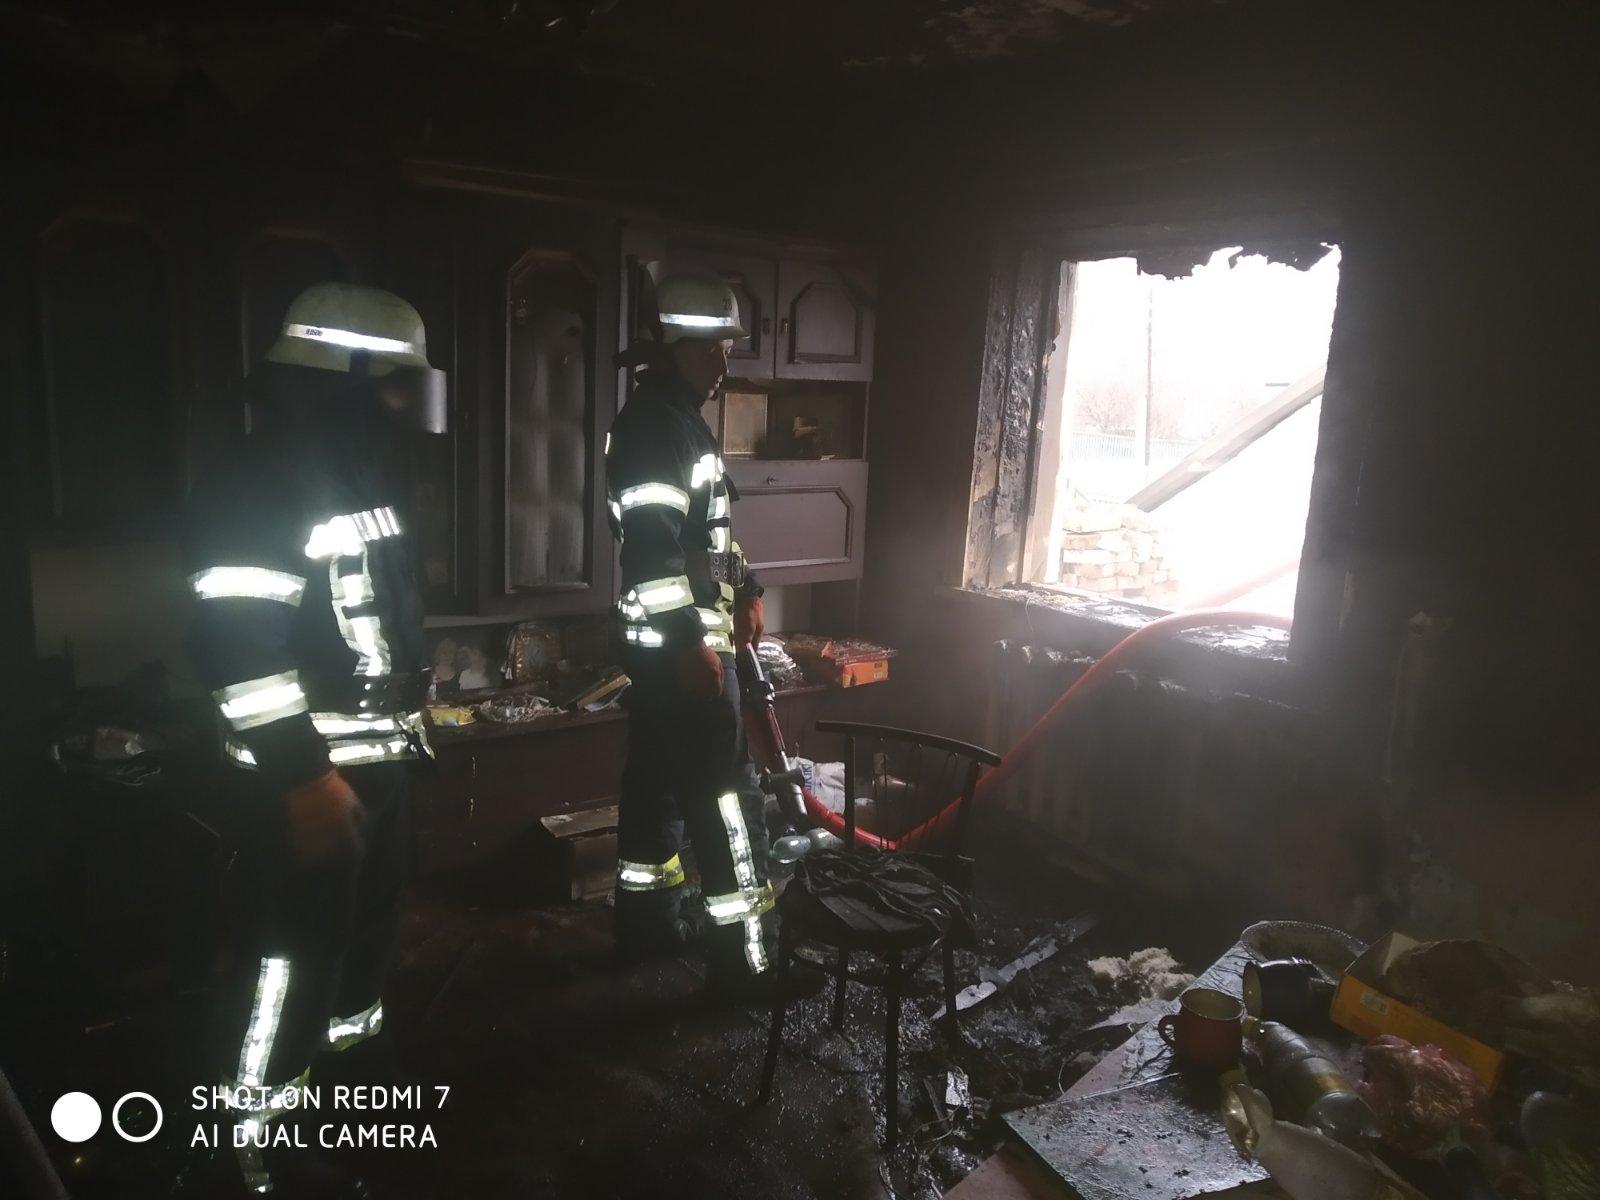 8 рятувальників змогли загасити пожежу в Яготинському районі - ГУ ДСНС у Київськійобласті, вогонь - 0 02 05 e827a8489bf80e7b6e2b3cba304affcbf9a48ac113c0d3118fc8e4b2b53c2780 e49dc50